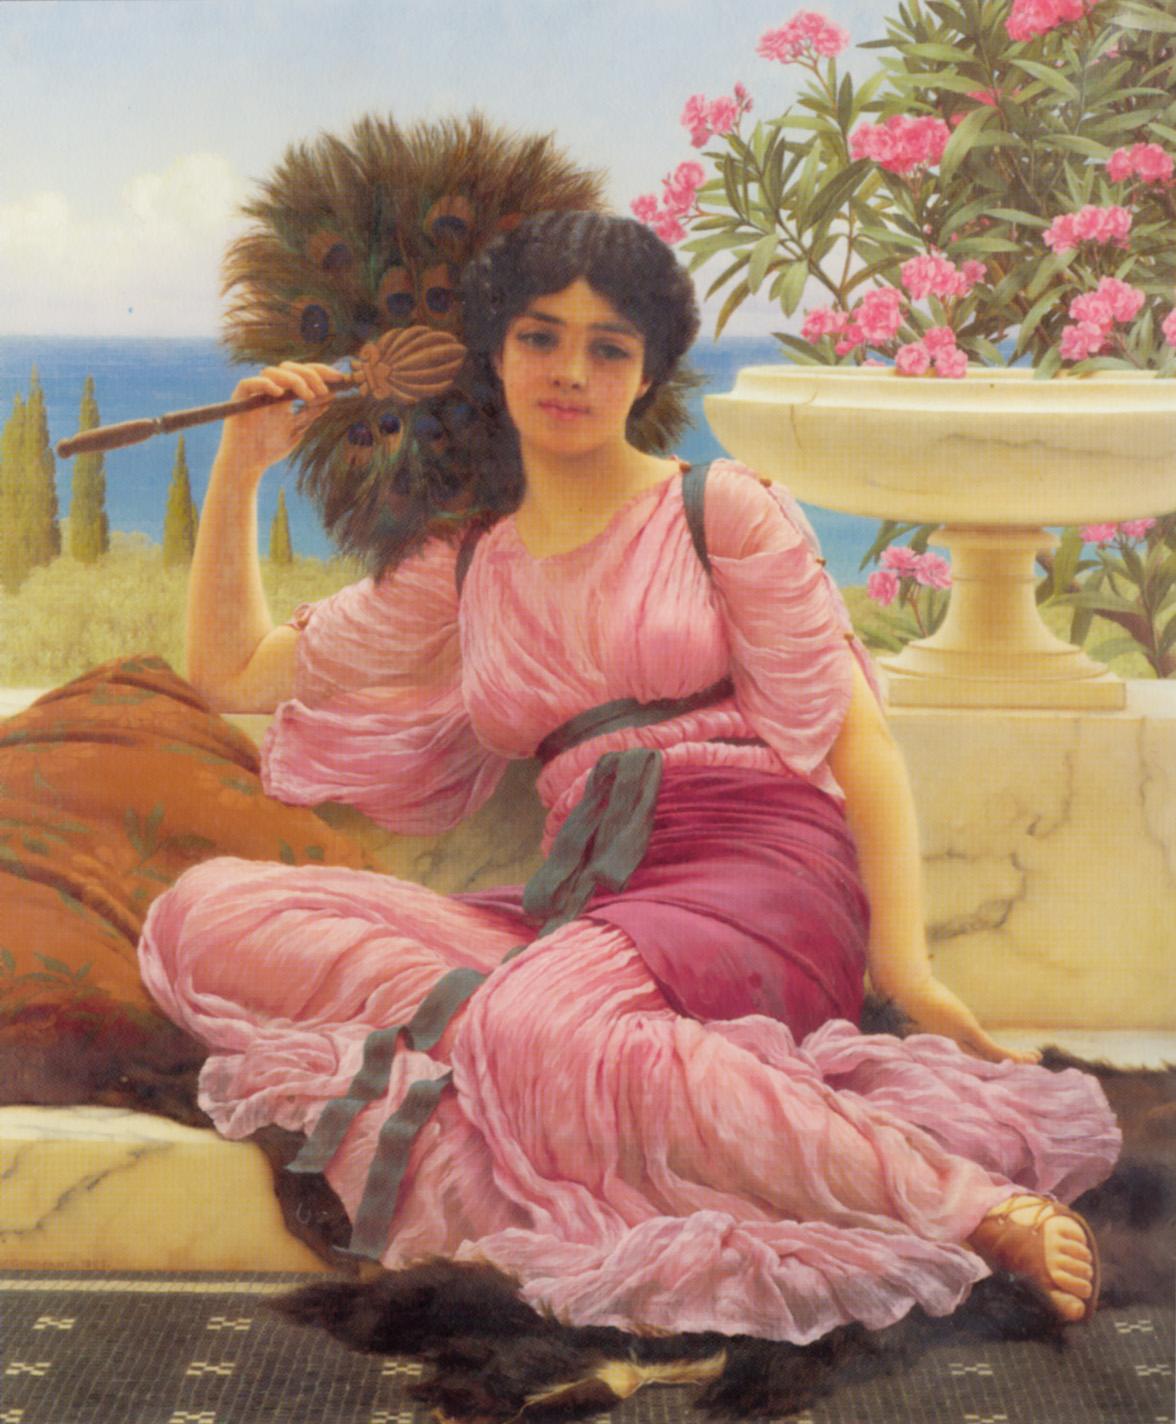 1905_Флабеллифера (рабыня с опахалом) (частная коллекция)